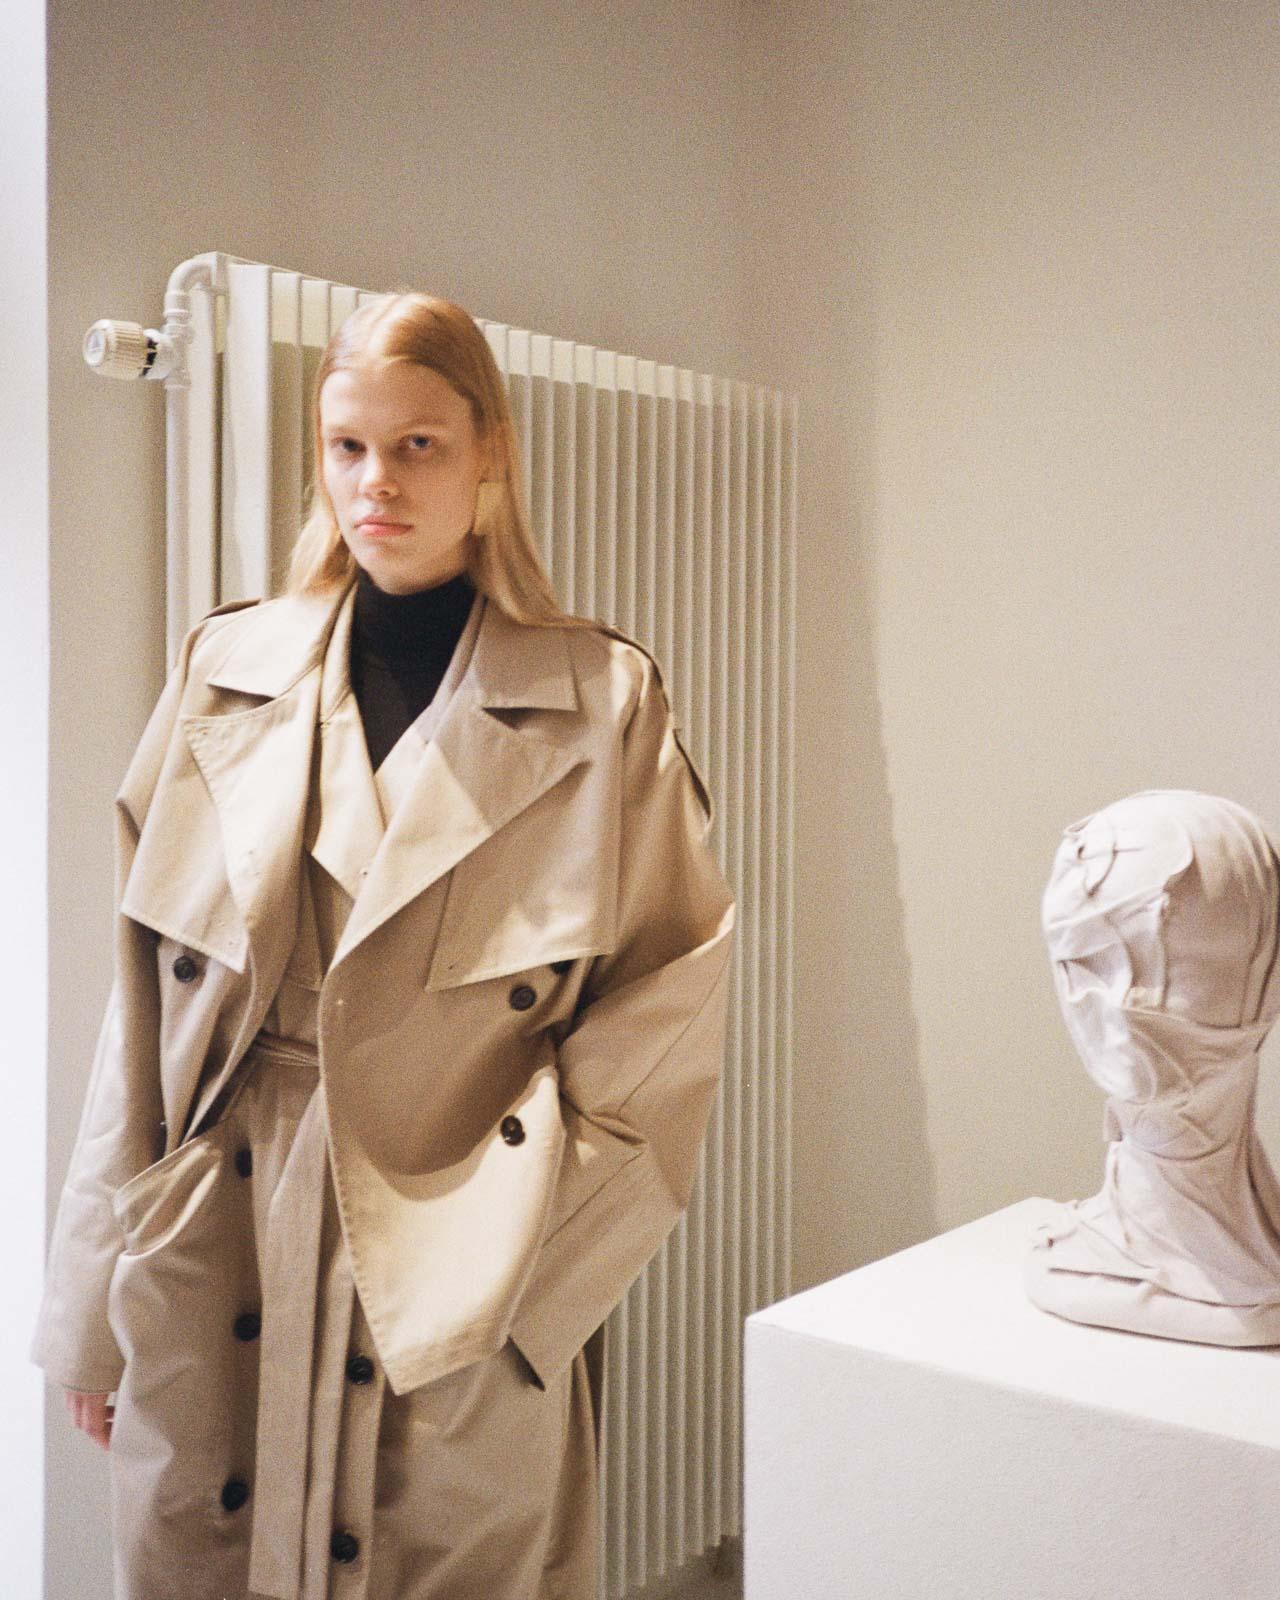 Gestuz AW20 Präsentation Copenhagen Fashion Week beige trench coat